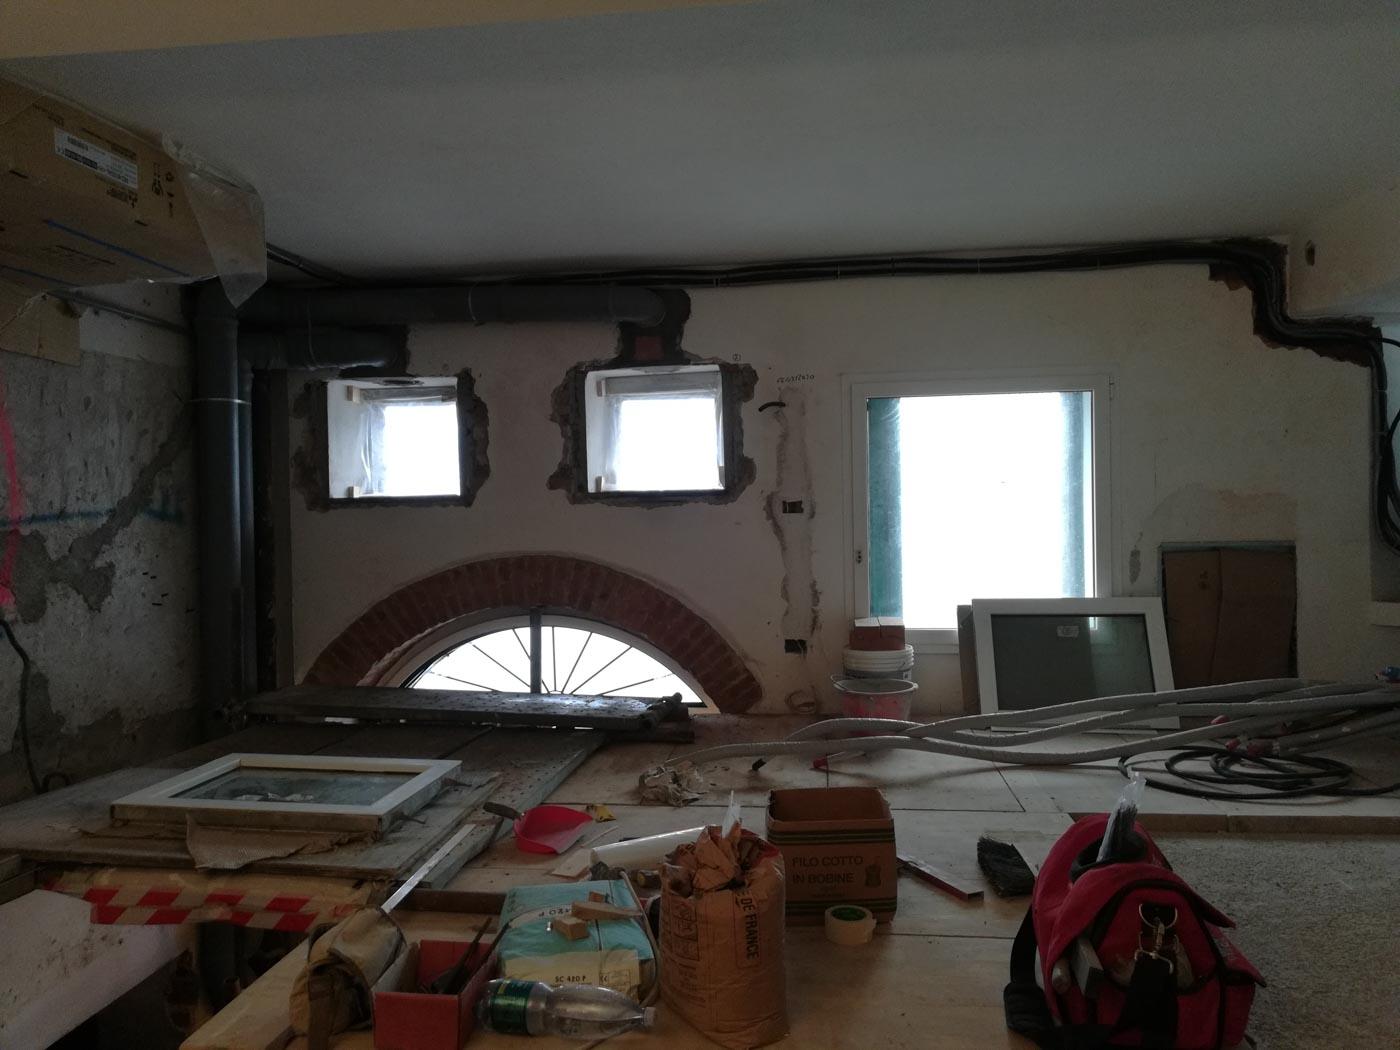 impresa-edilenicolosi-ristrutturazione-appartamento-sottoil-livello-del-mare-29